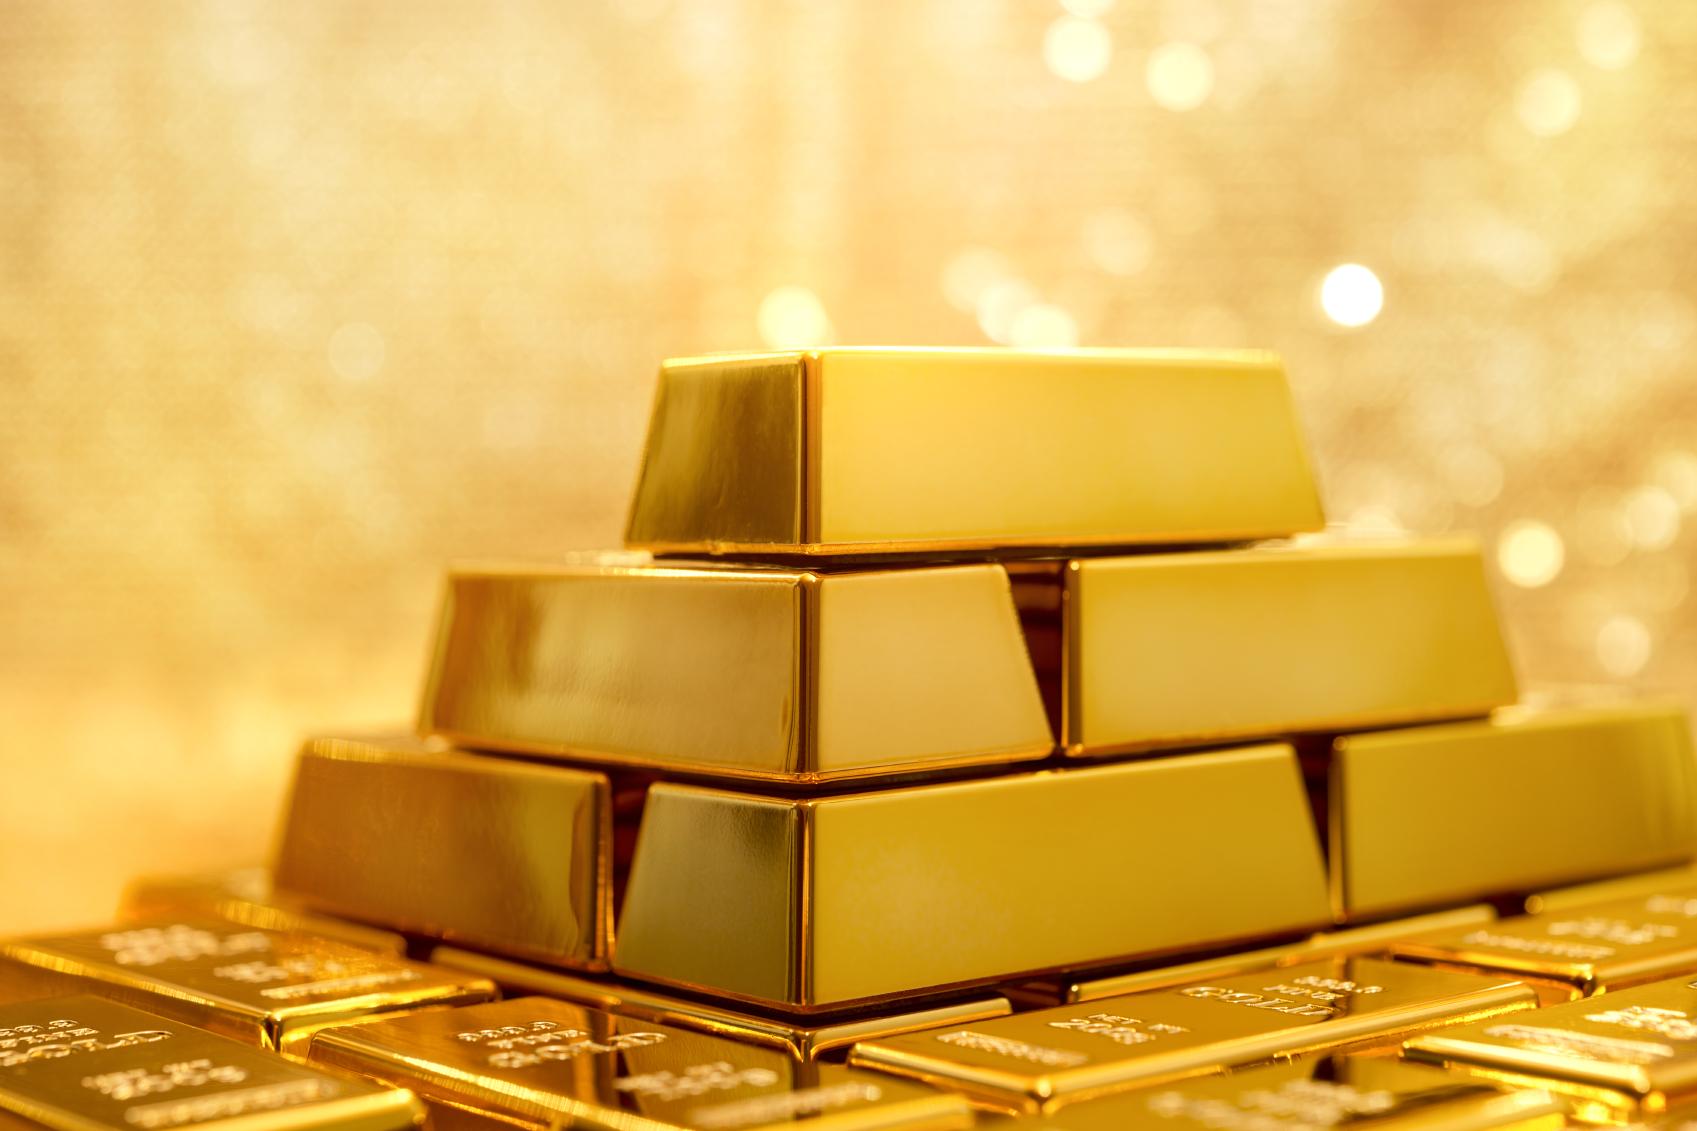 giá vàng hôm nay ngày 28/4/2016 trượt dốc nhanh chóng từ mức đỉnh 1 tuần sau cuộc họp của FED